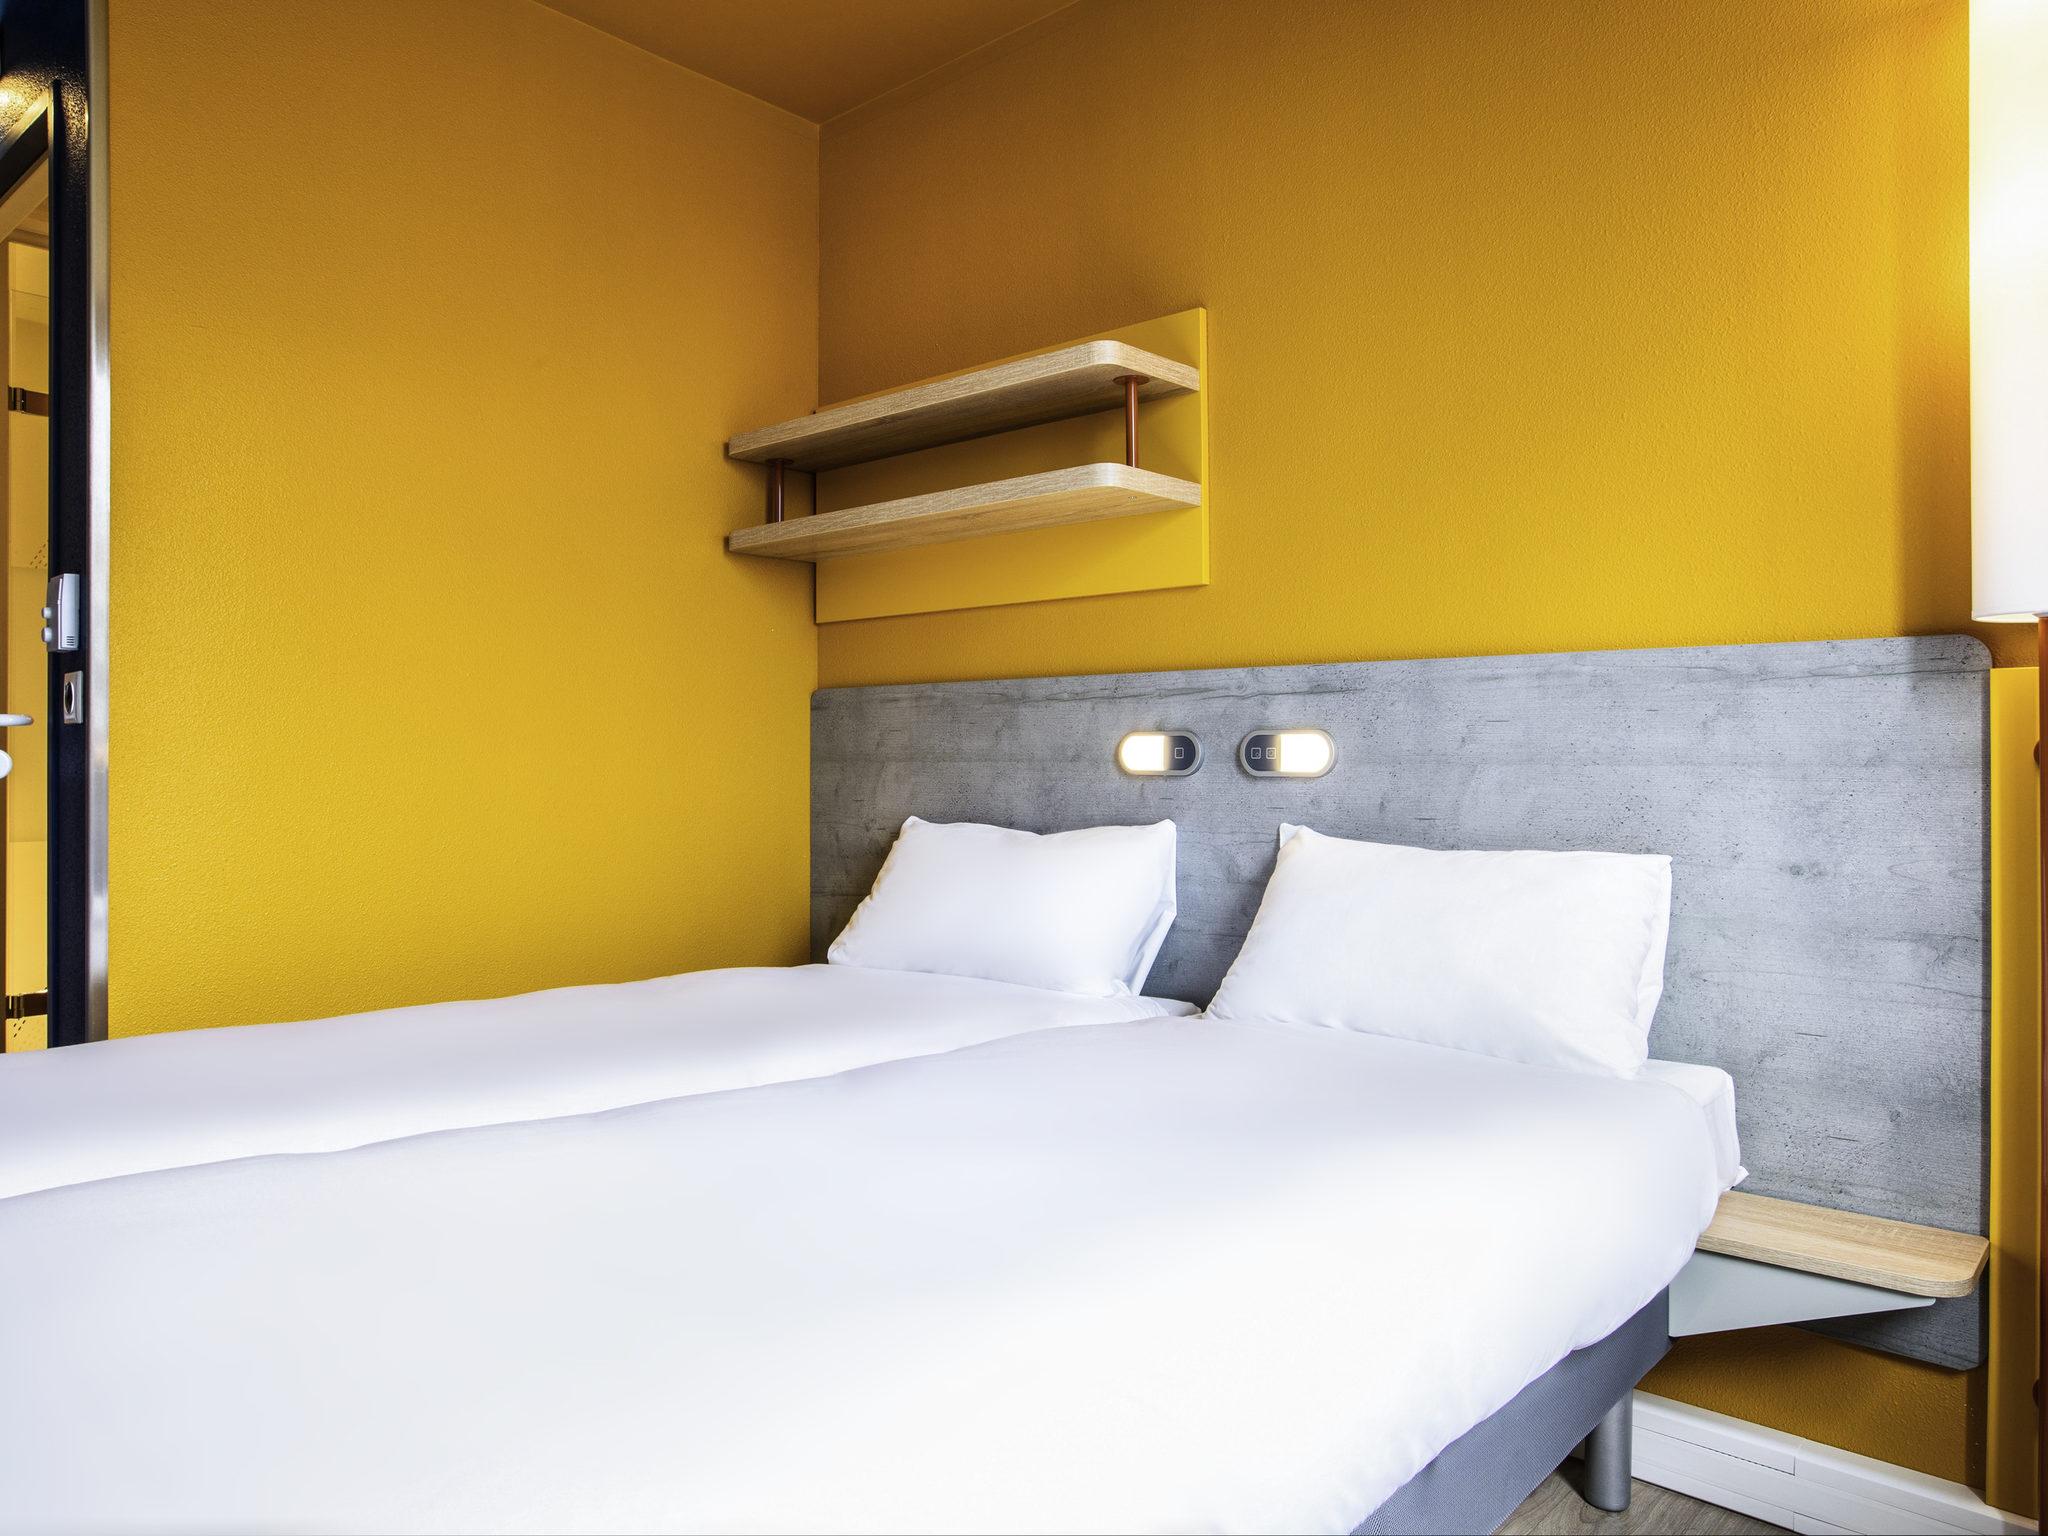 فندق - ibis budget Fontainebleau Avon